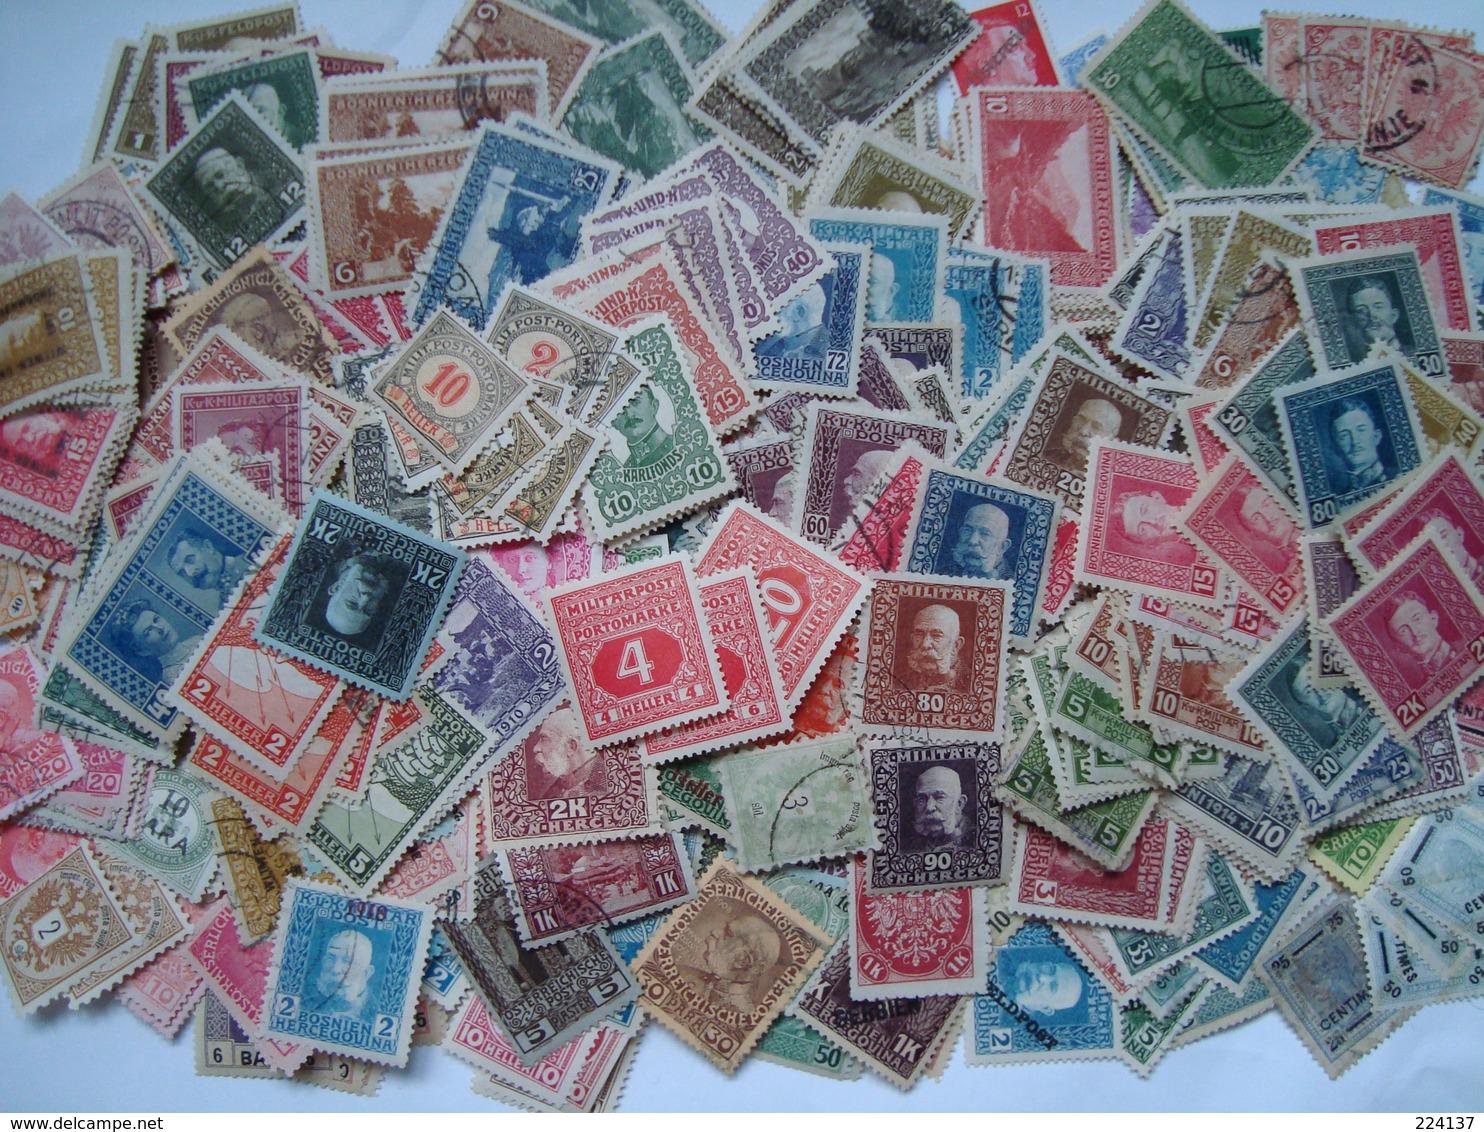 VRAC AUTRICHE + SATELLITES 290 G + 50G - Lots & Kiloware (mixtures) - Min. 1000 Stamps